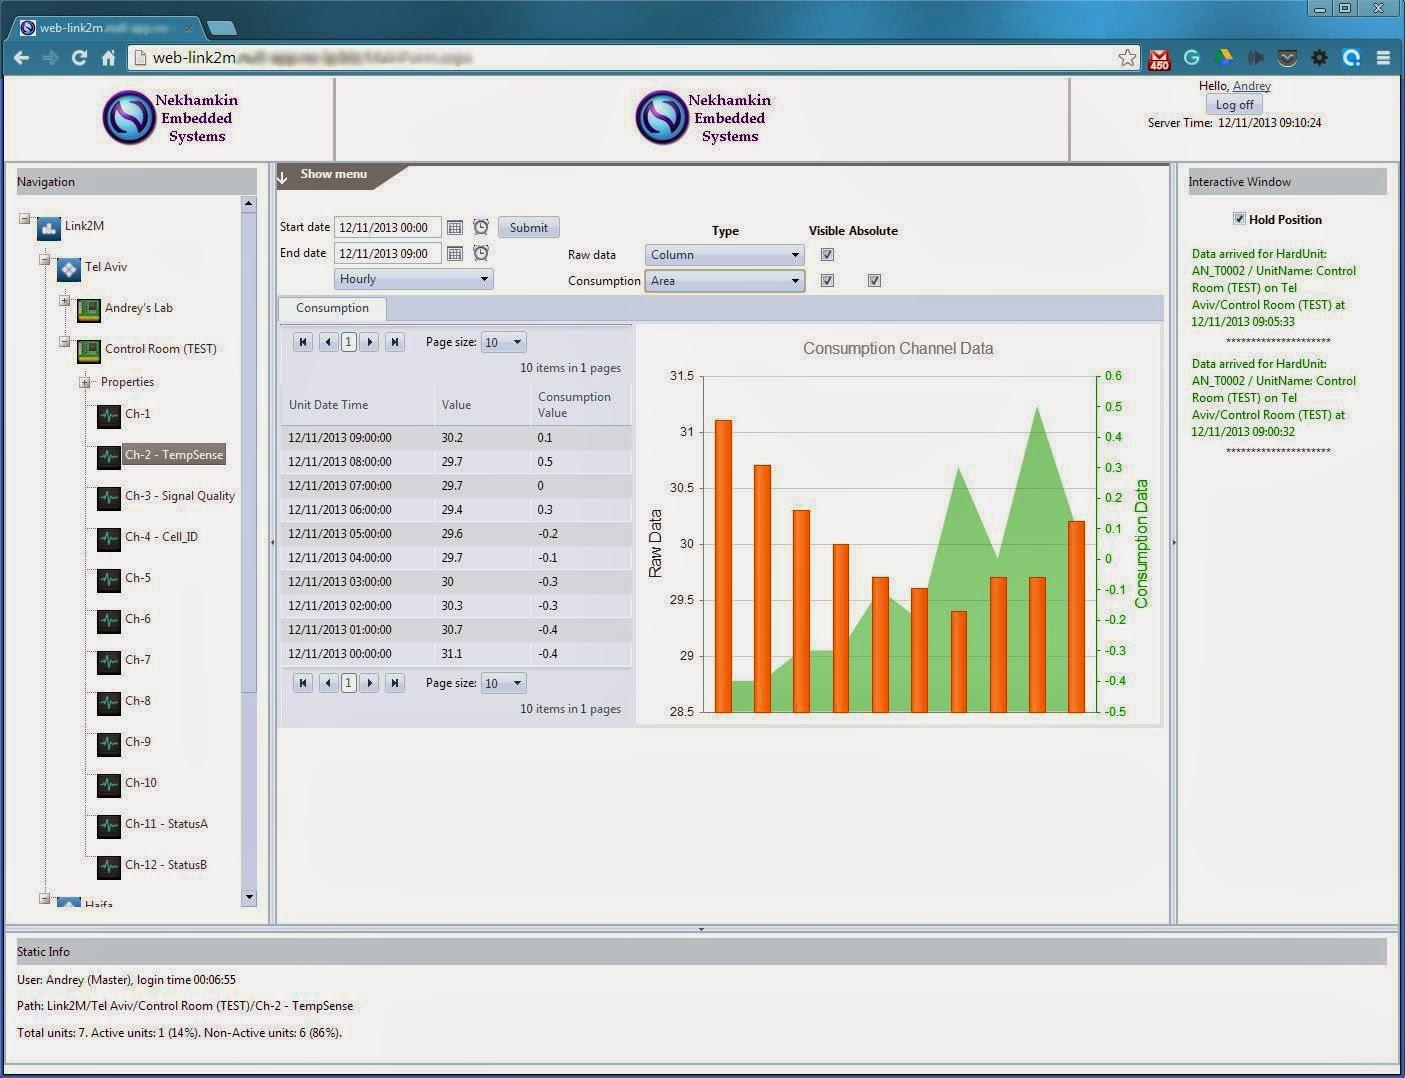 Link2M-Web: GraphView per Channel